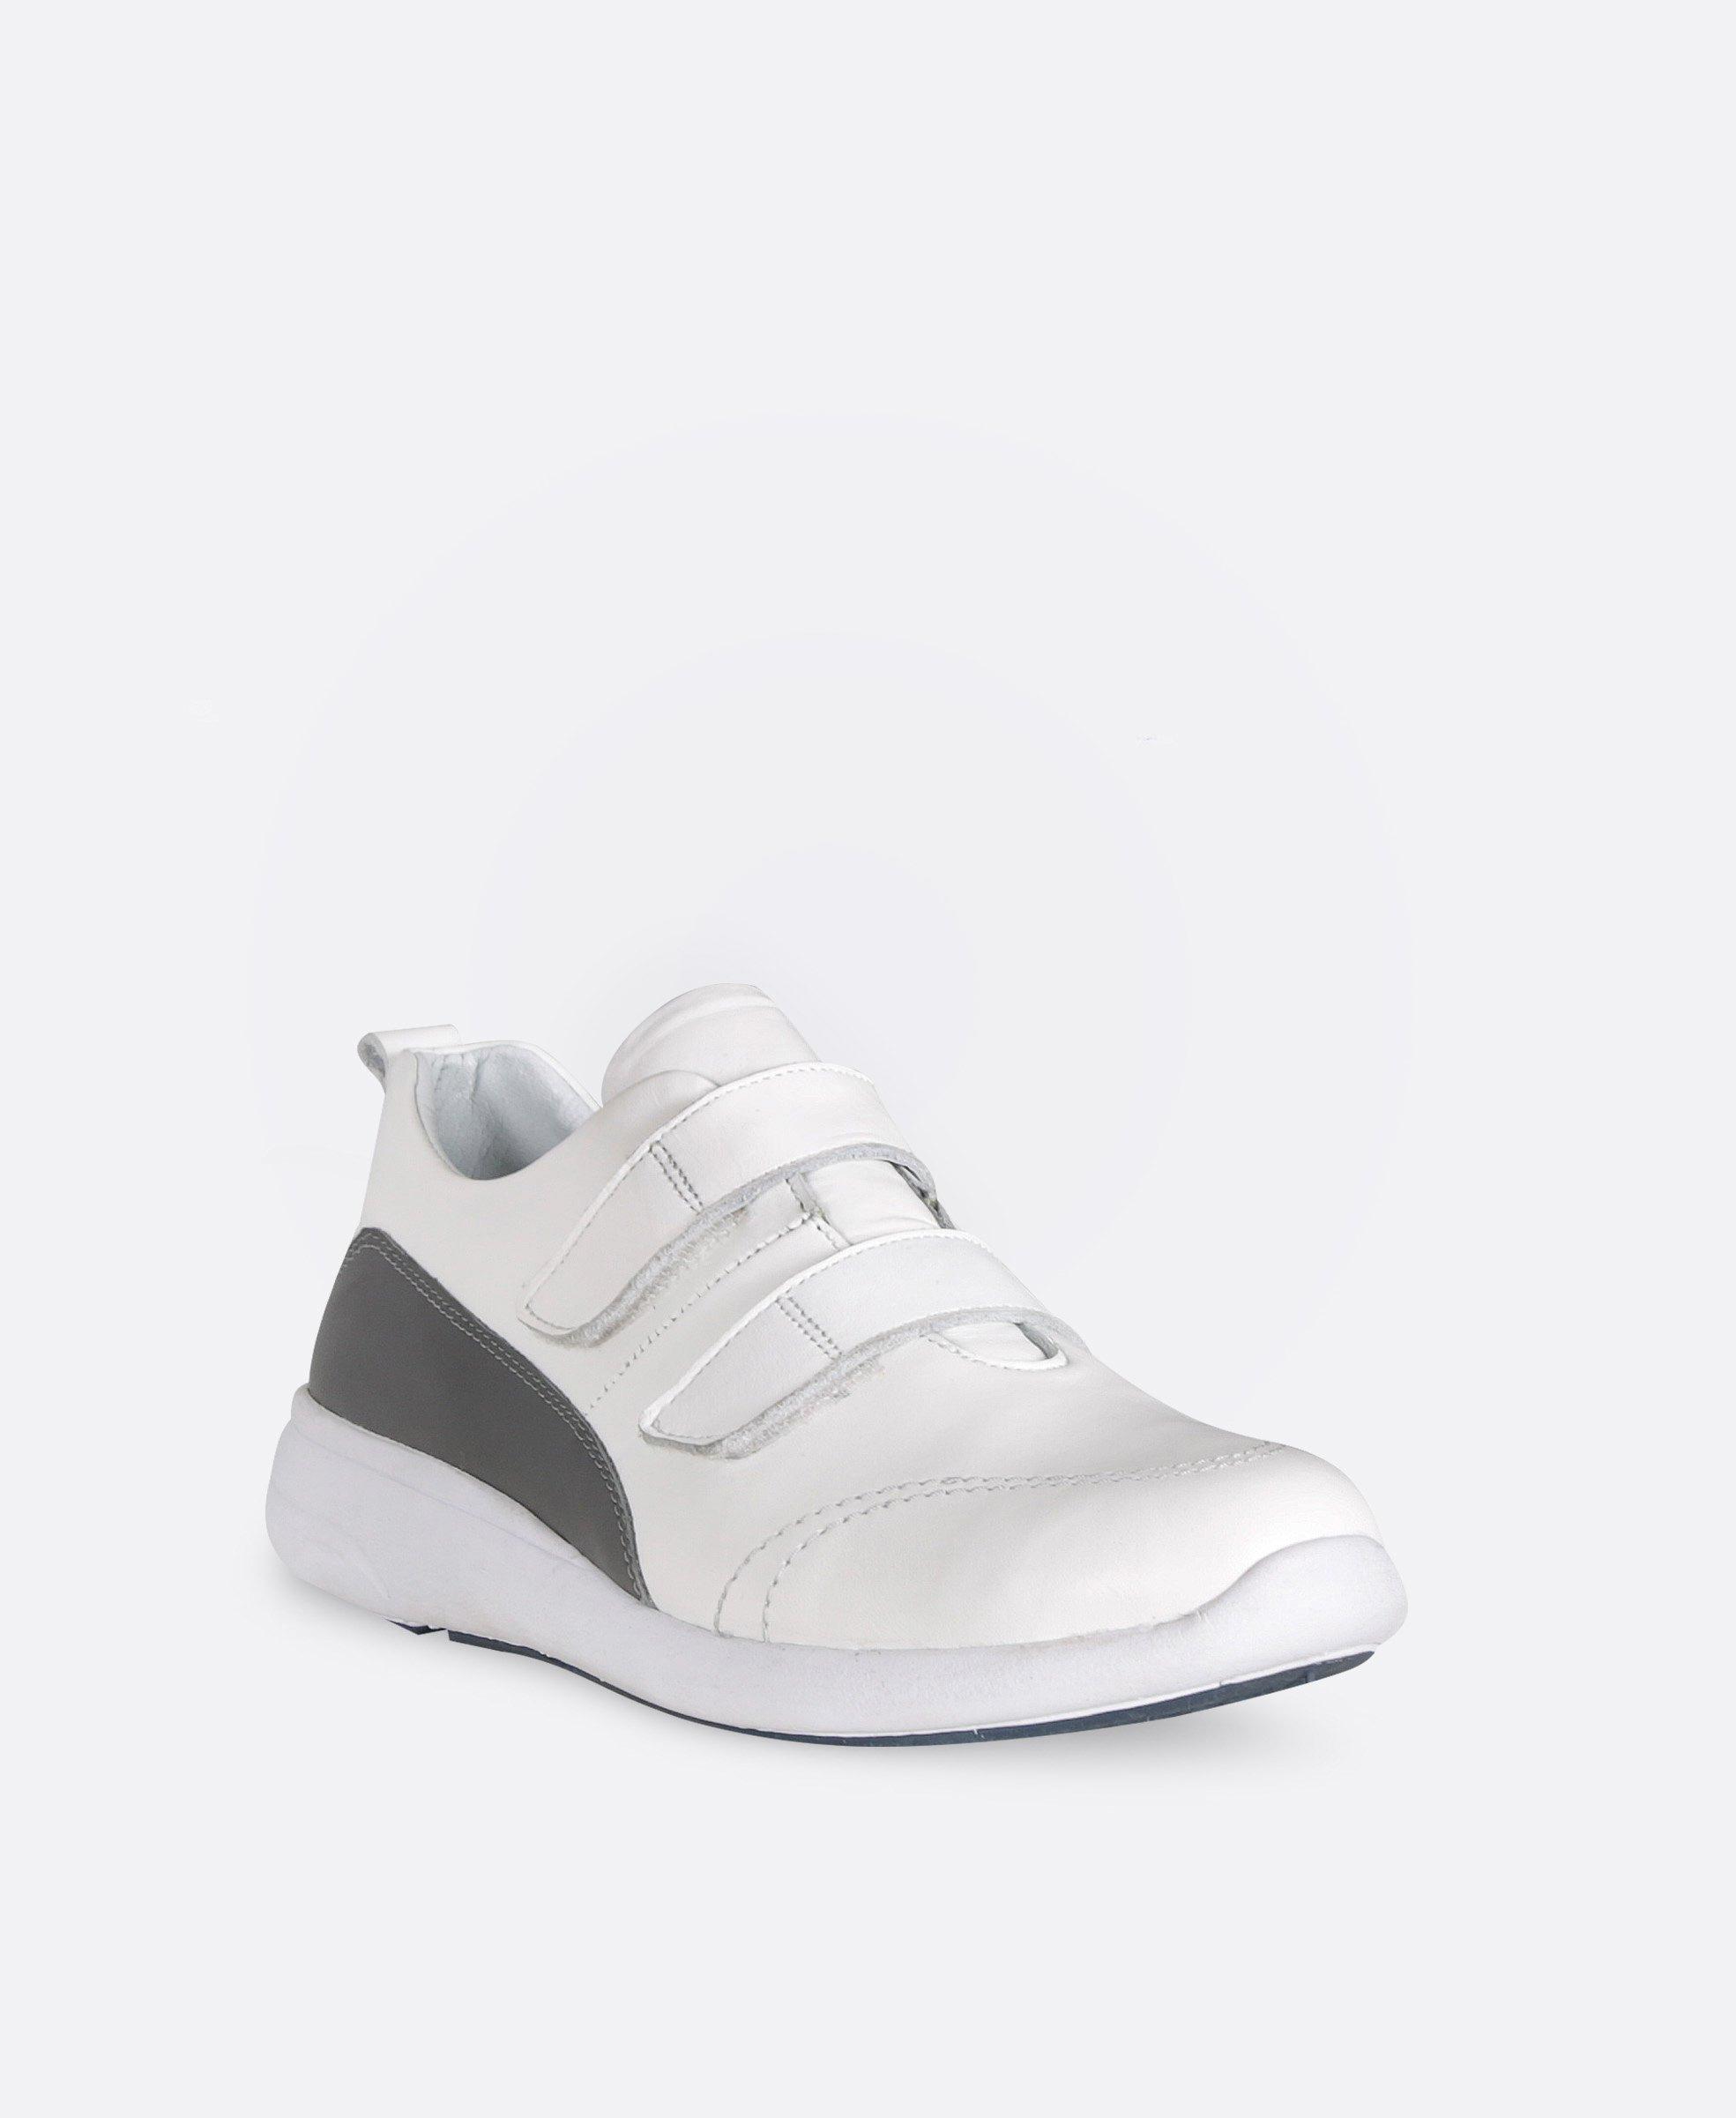 کفش کتانی زنانه چرم 0263